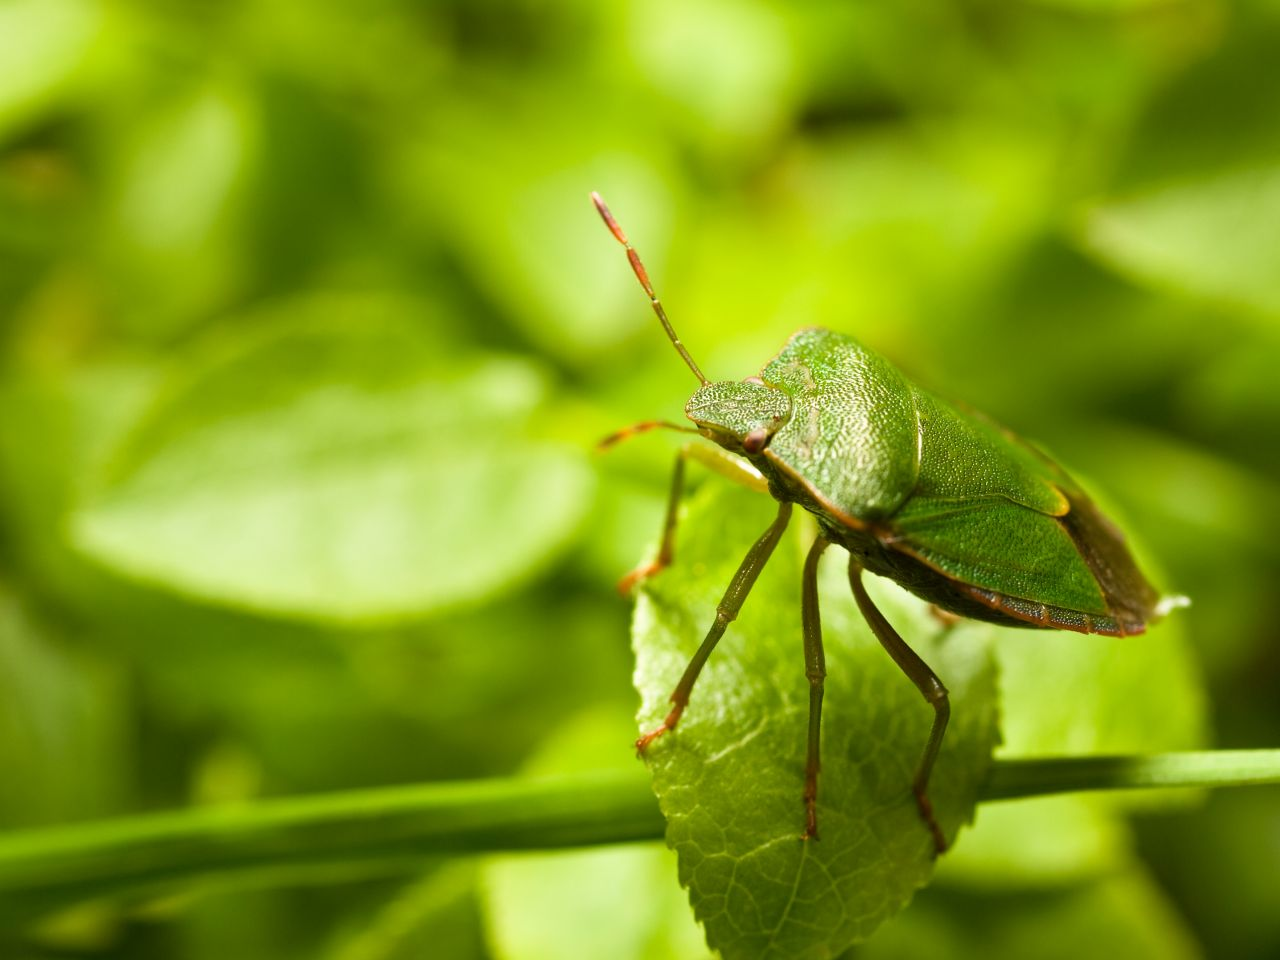 Die grüne Stinkwanze sitzt gut getarnt auf einem Blatt.